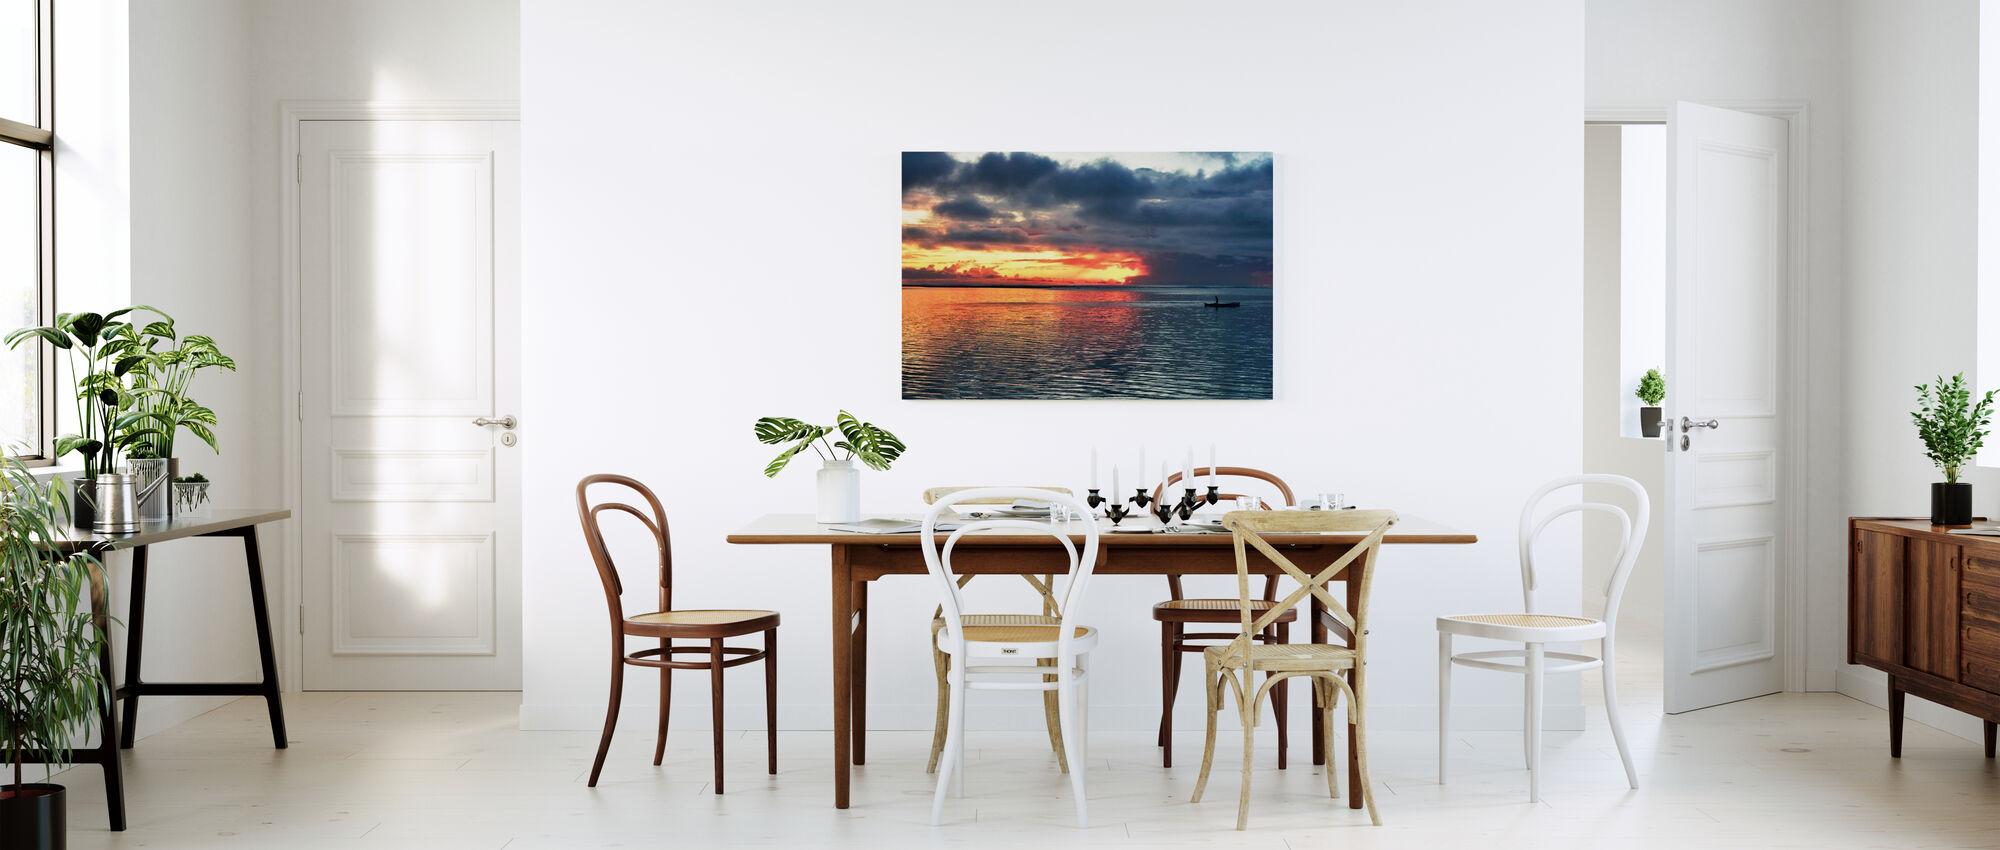 Aurinko laskee meren ja hänen kanssaan - Canvastaulu - Keittiö